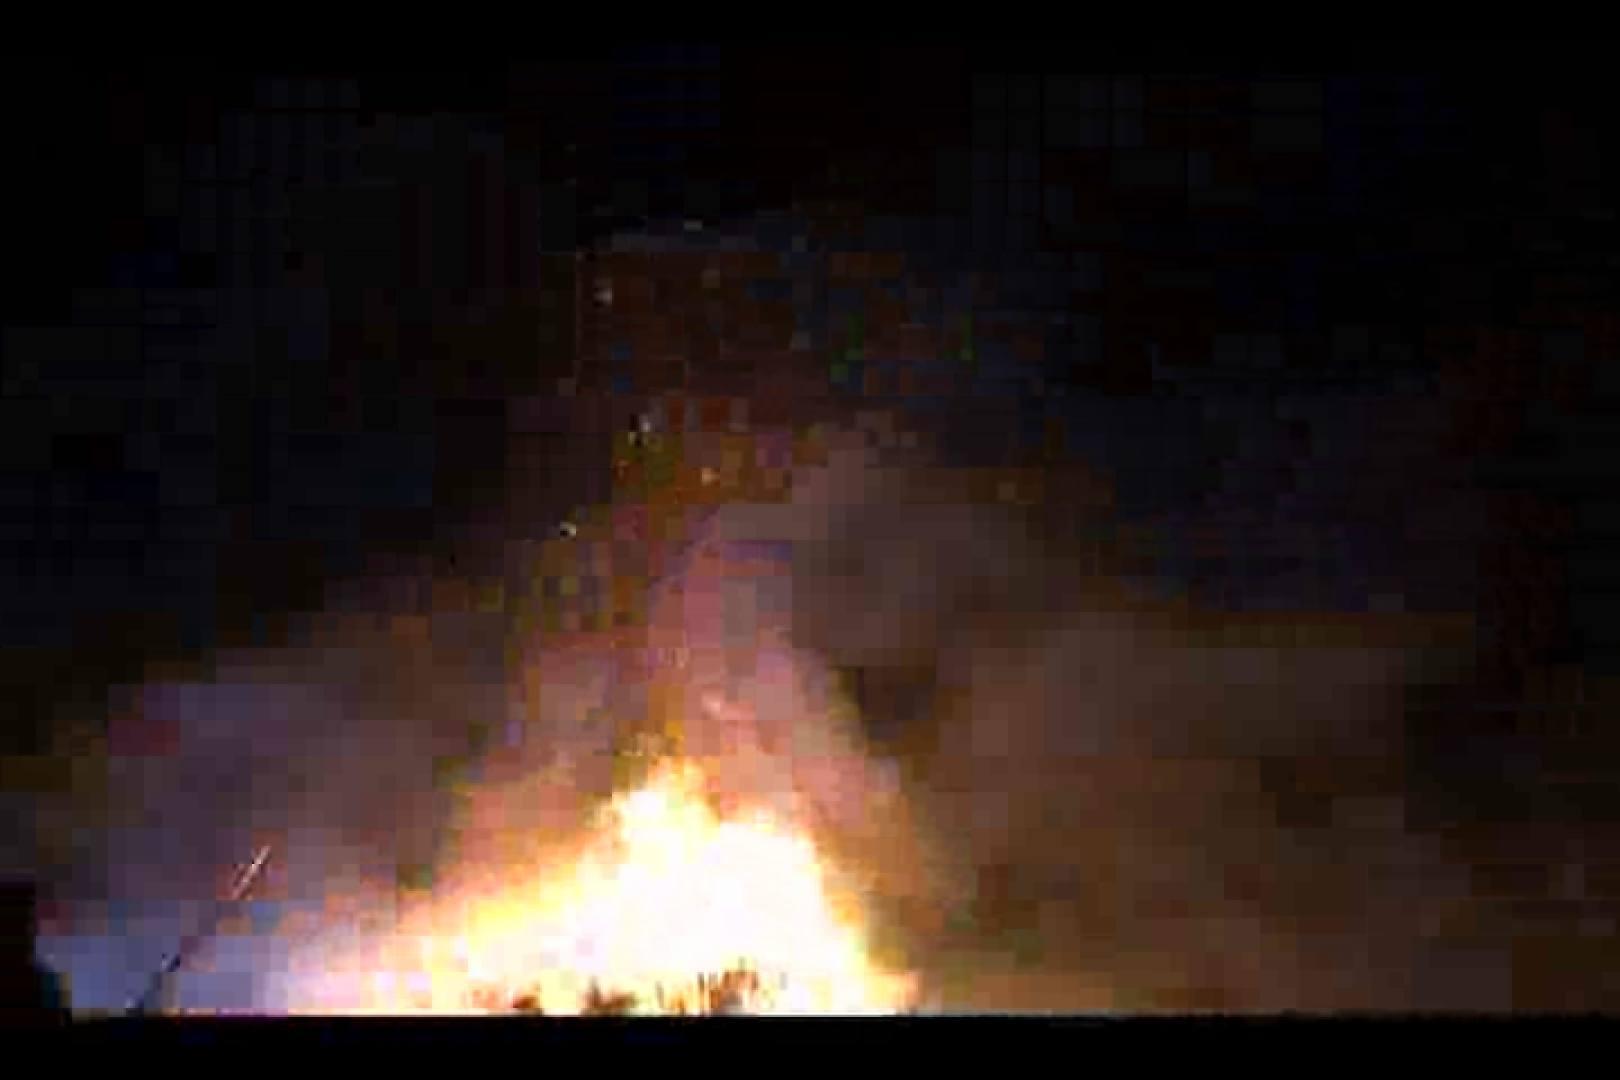 鳥羽の火祭り 3000K!高画質バージョンVOL.03 ふんどしの男たち ゲイSEX画像 82連発 58